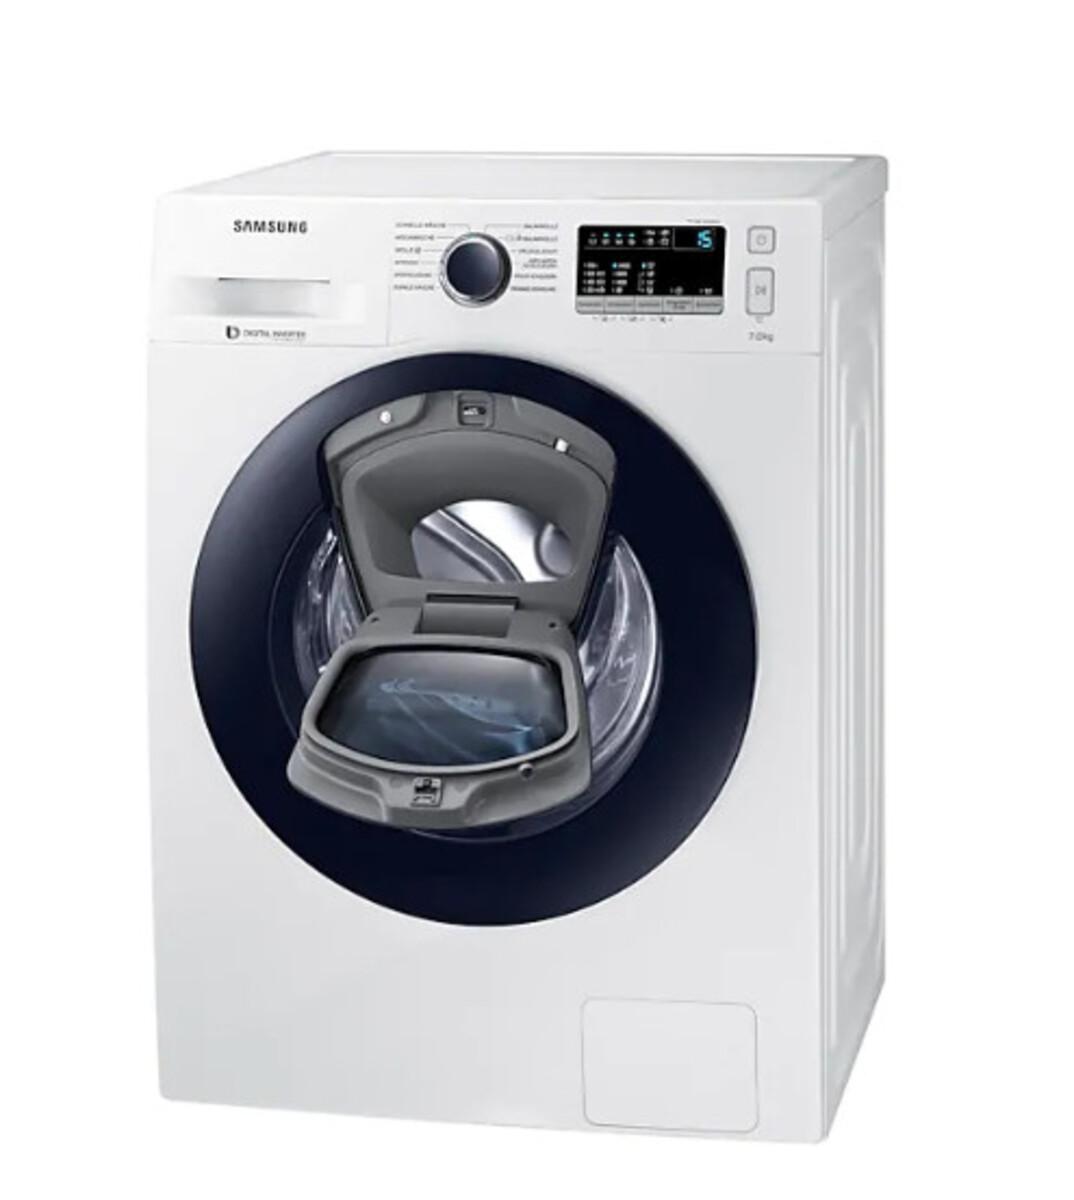 Bild 4 von Samsung Waschmaschine WW4500 WW70K44205W/EG (Energieeffizienzklasse A+++, 7 kg, 1.400 U/min, Diamond Pflegetrommel, Smart Check, weiß, Frontlader)